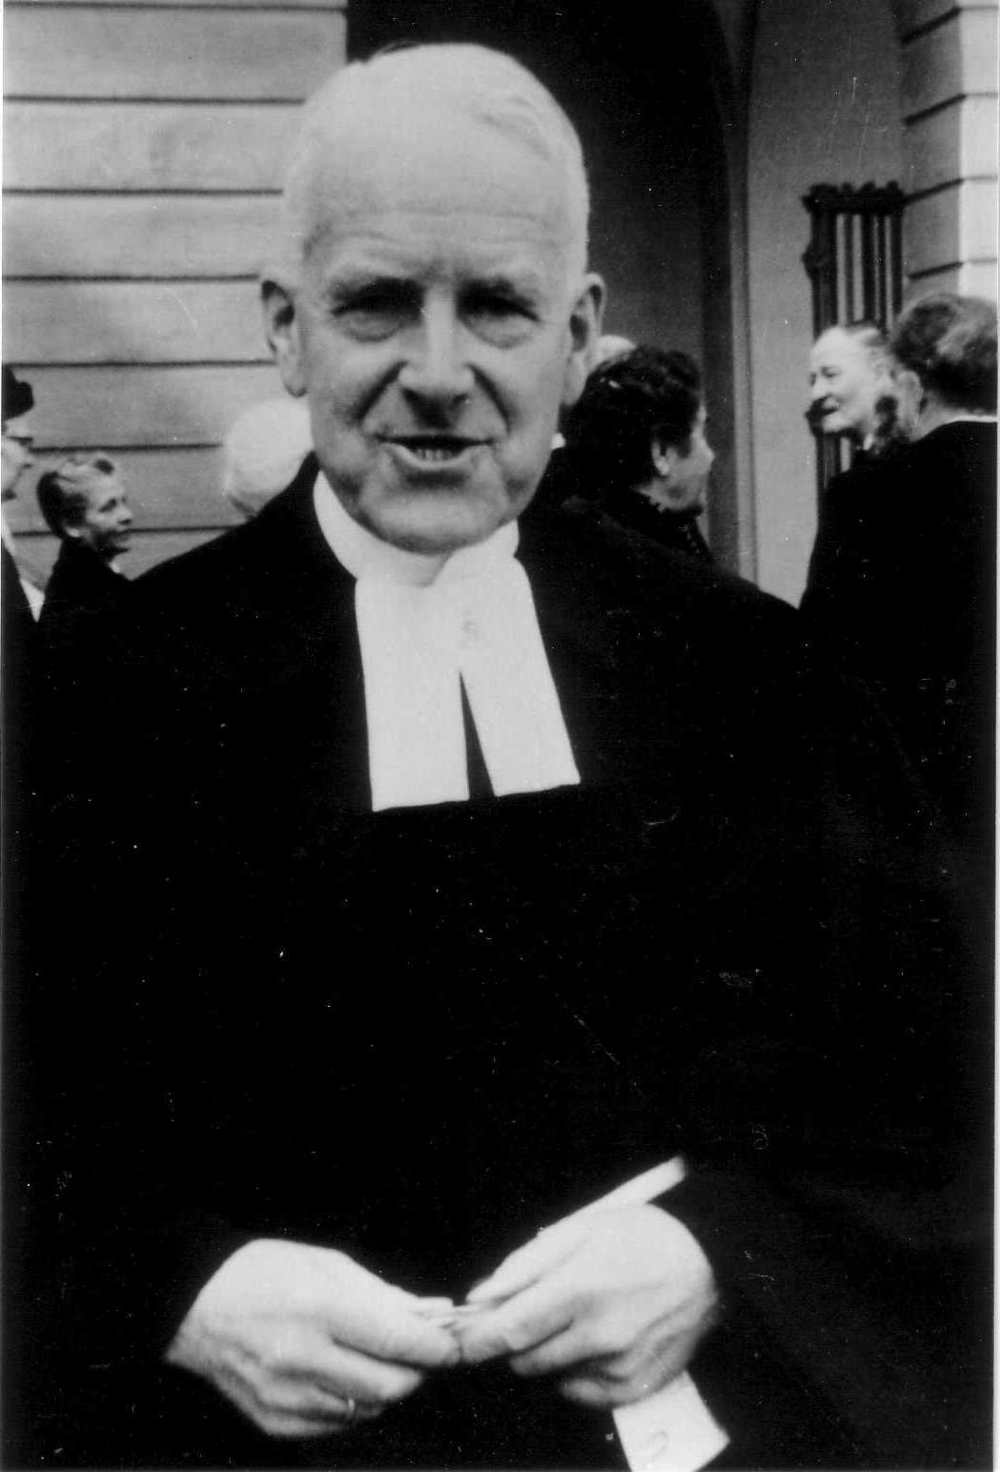 Pfarrer Wolf Dietrich Richard Agathon Freiherr von Lupin 1953 - 1961